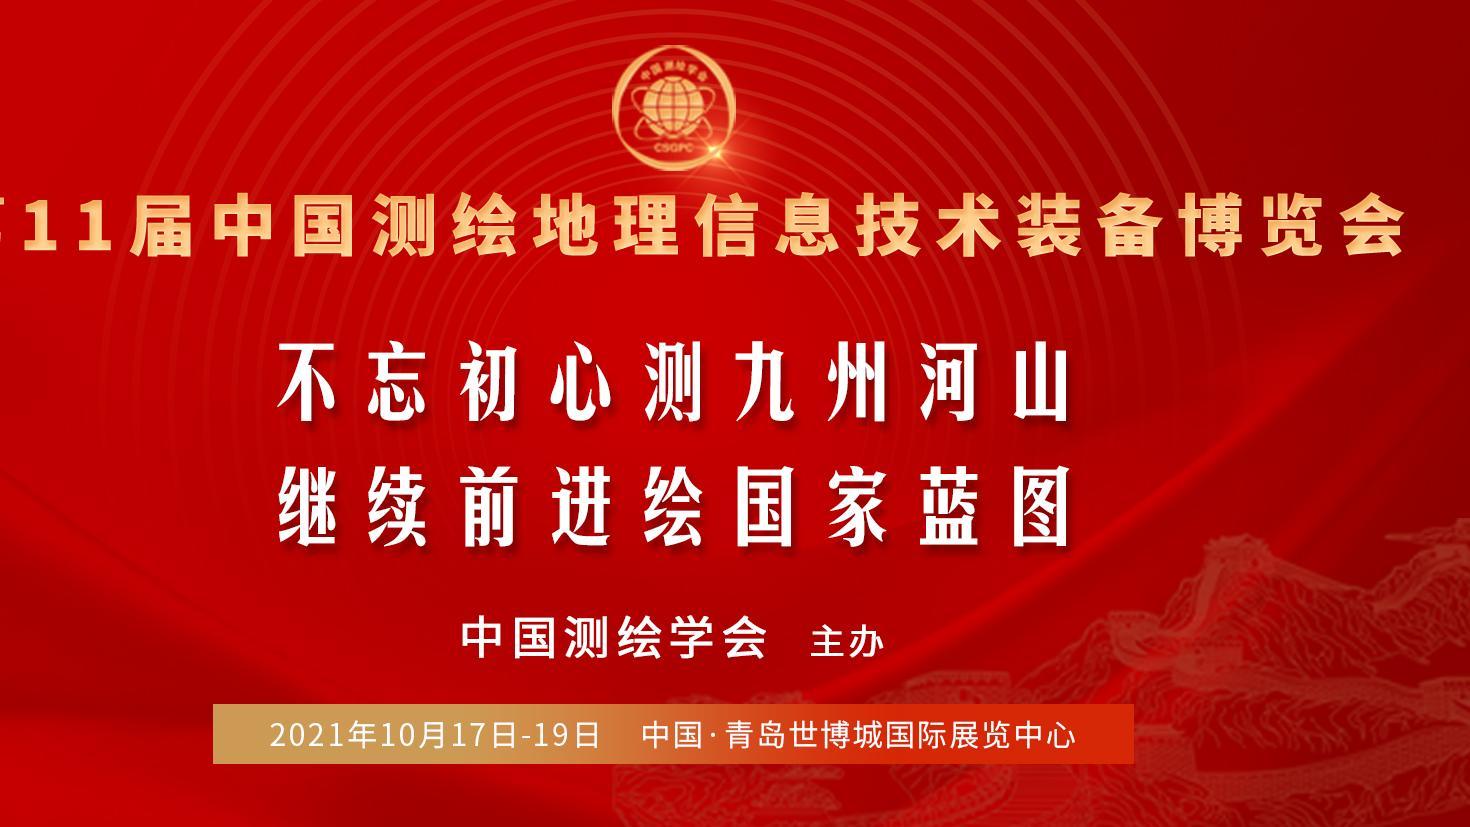 中國測繪地理信息技術裝備(bei)博覽(lan)會(hui)